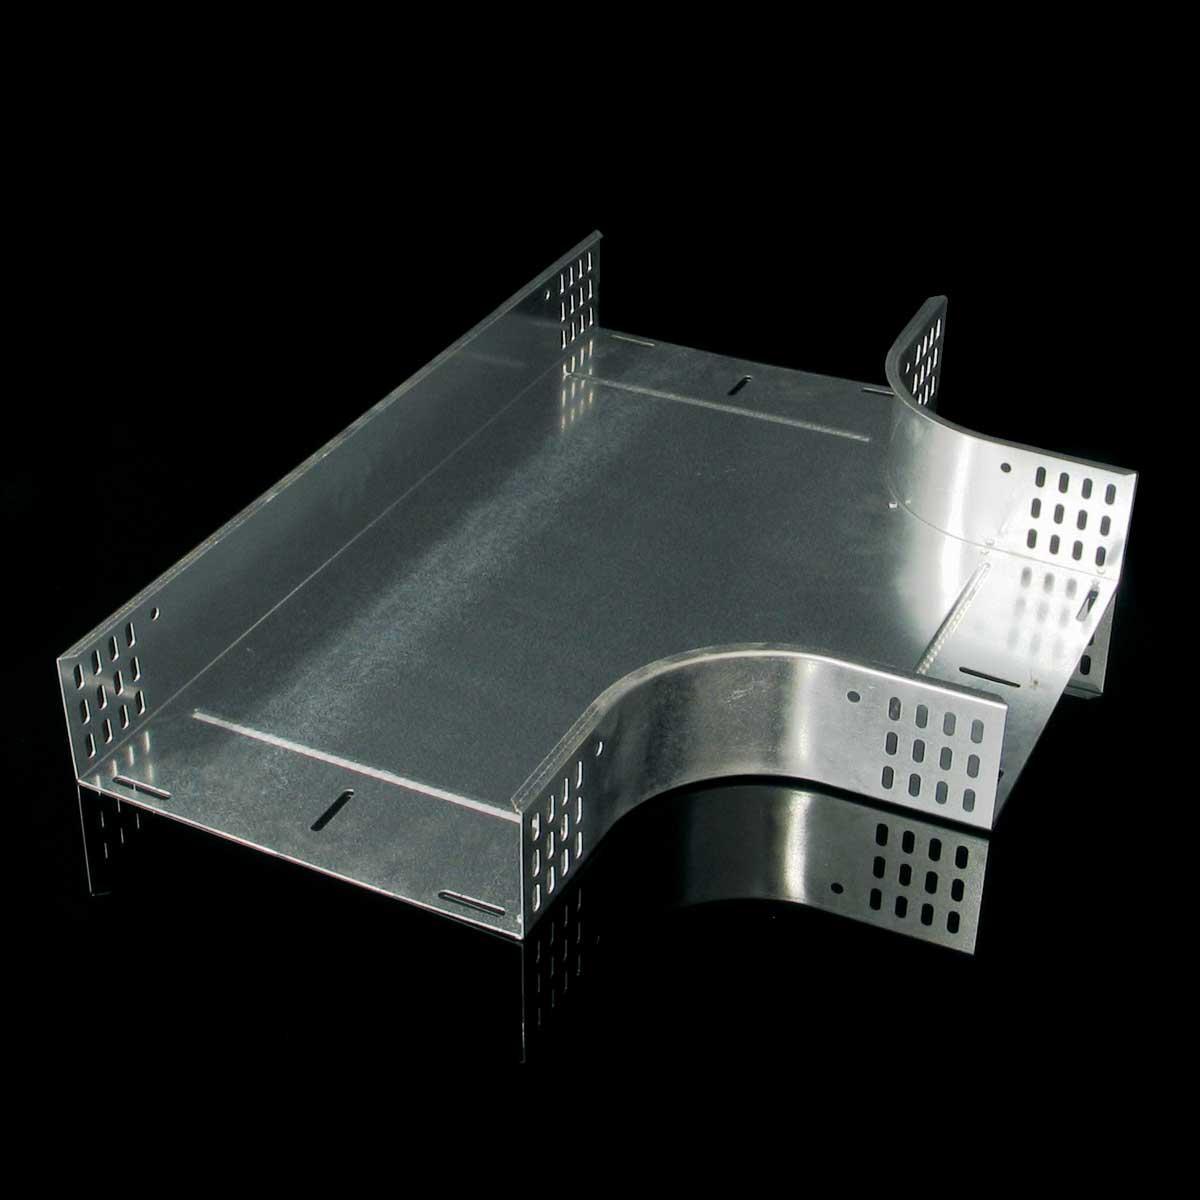 Відгалужувач горизонтальний Т-подібний JUPITER; розміри-35x50x250mm Товщ. метал-0,8 Вага-0,74кг/м